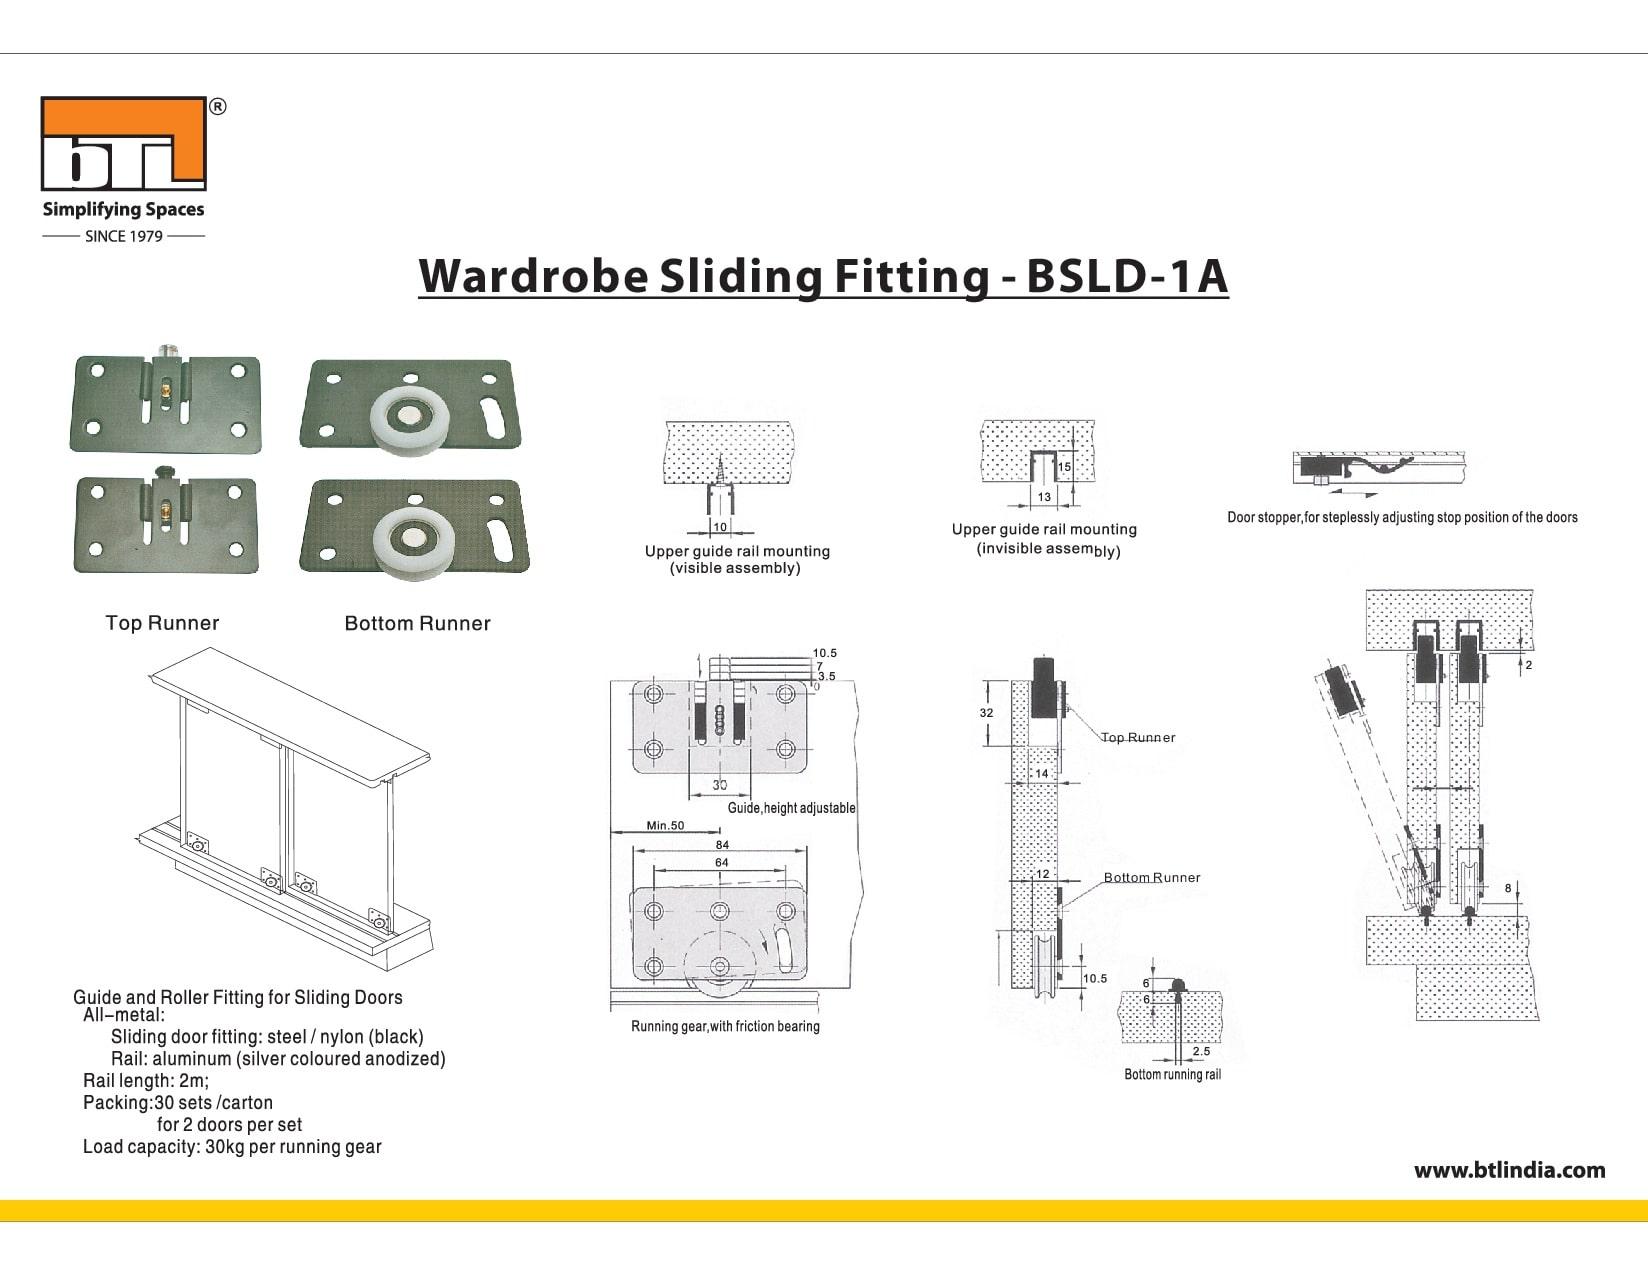 BTL BSLD-1A Wardrobe Fitting - Specifications